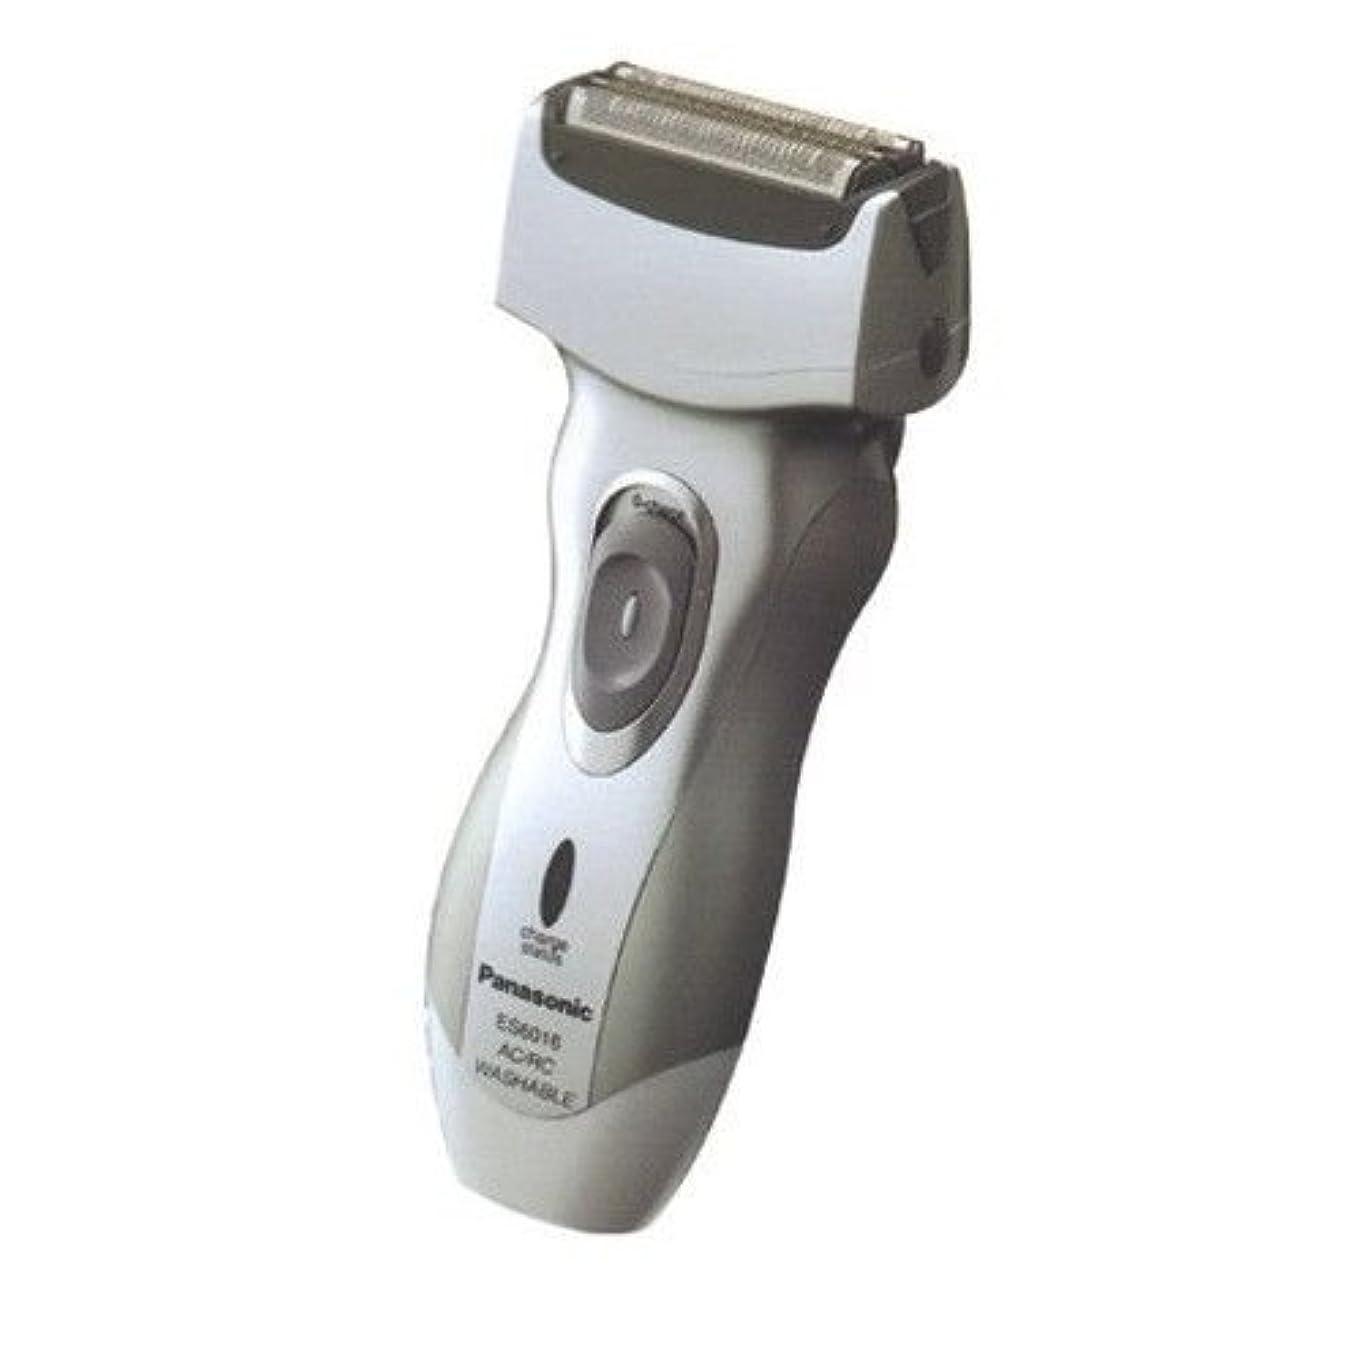 分注する誘惑決定的Panasonic ES6016 電気シェーバーかみそり男性トリマークリッパー ES-6016 と [並行輸入品]